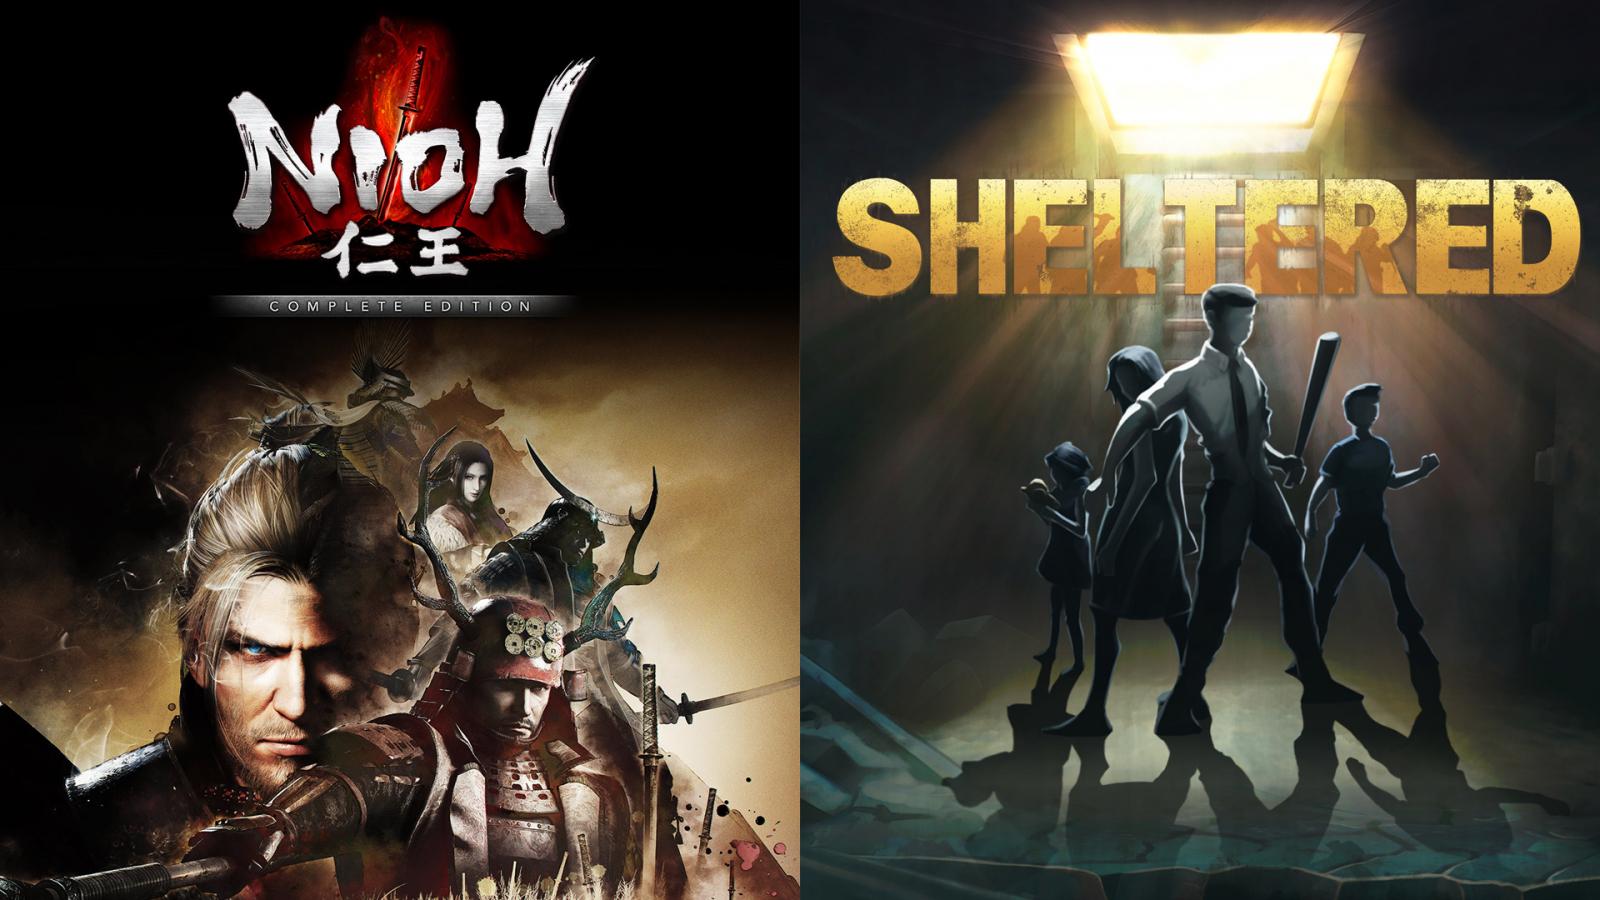 Nioh y Sheltered son los nuevos juegos gratuitos de Epic Games, pruebas de juegos y ofertas PlayStation, Xbox y pc